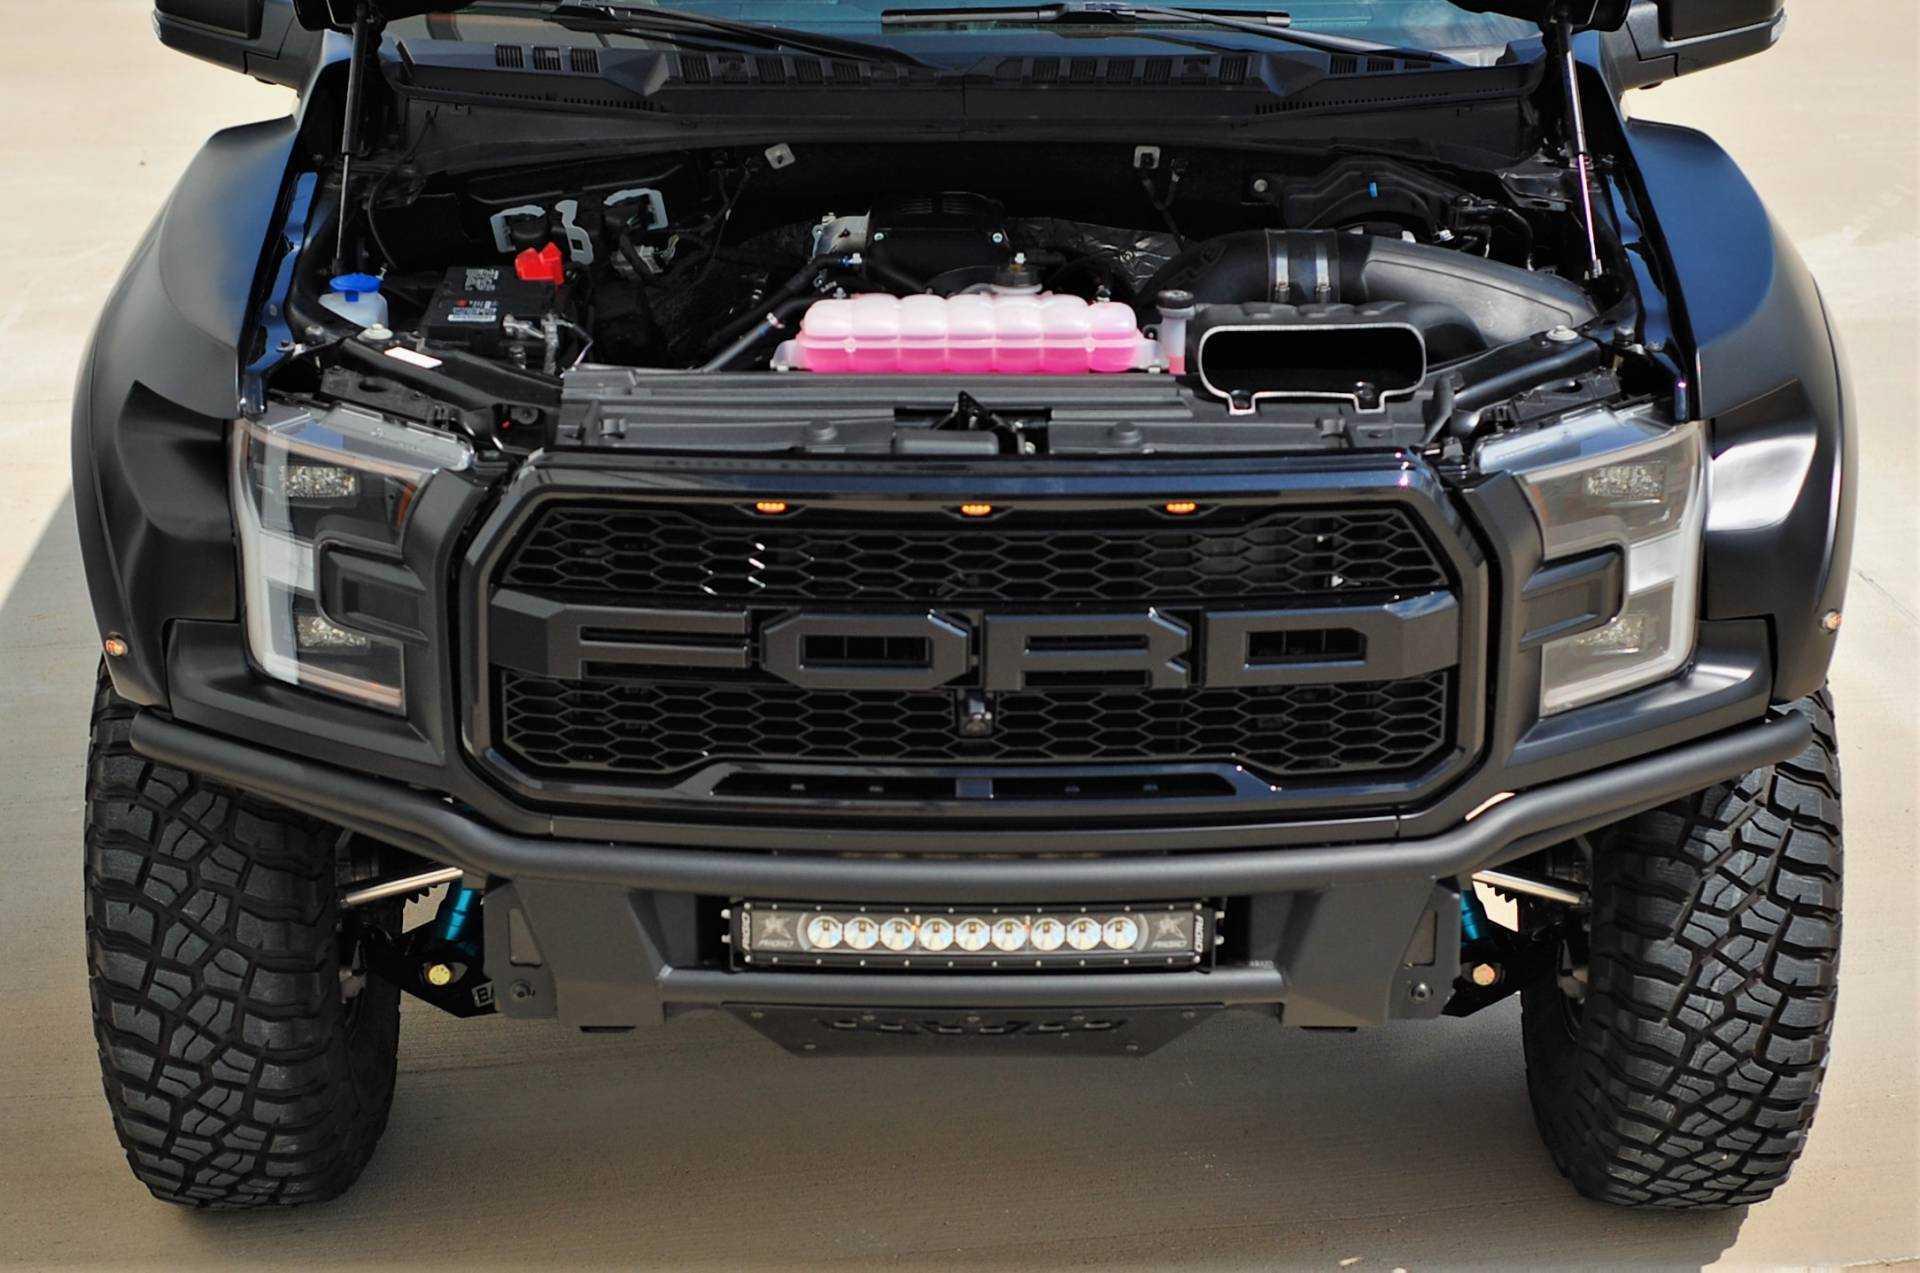 Conoce La Impresionante Ford F 150 Raptor De Paxpower Con Su V8 De 758 Hp Rutamotor